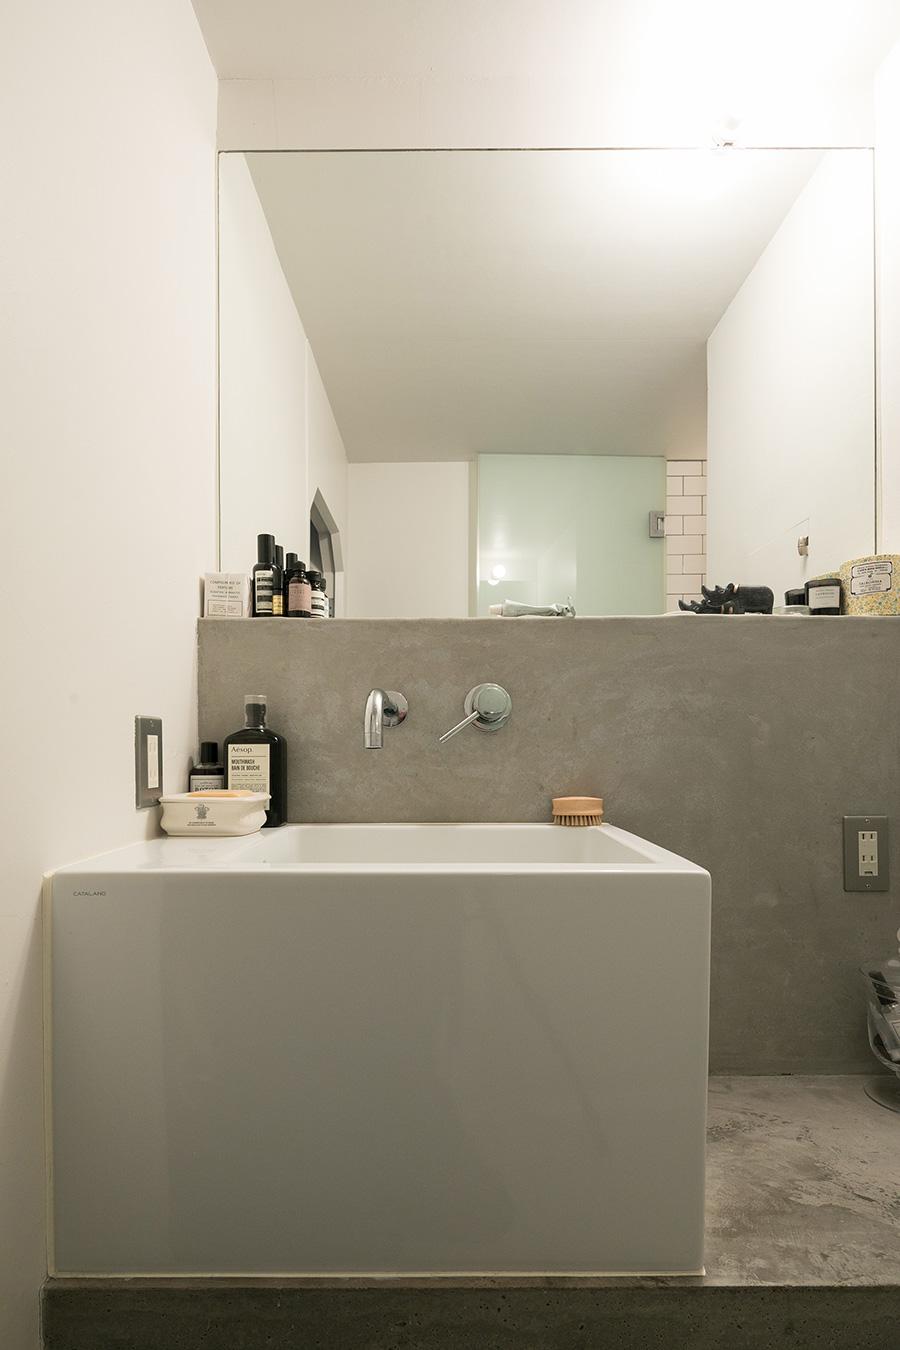 洗面ボウルは、ドイツ製の業務用。深さに合わせて洗面台を下げている。